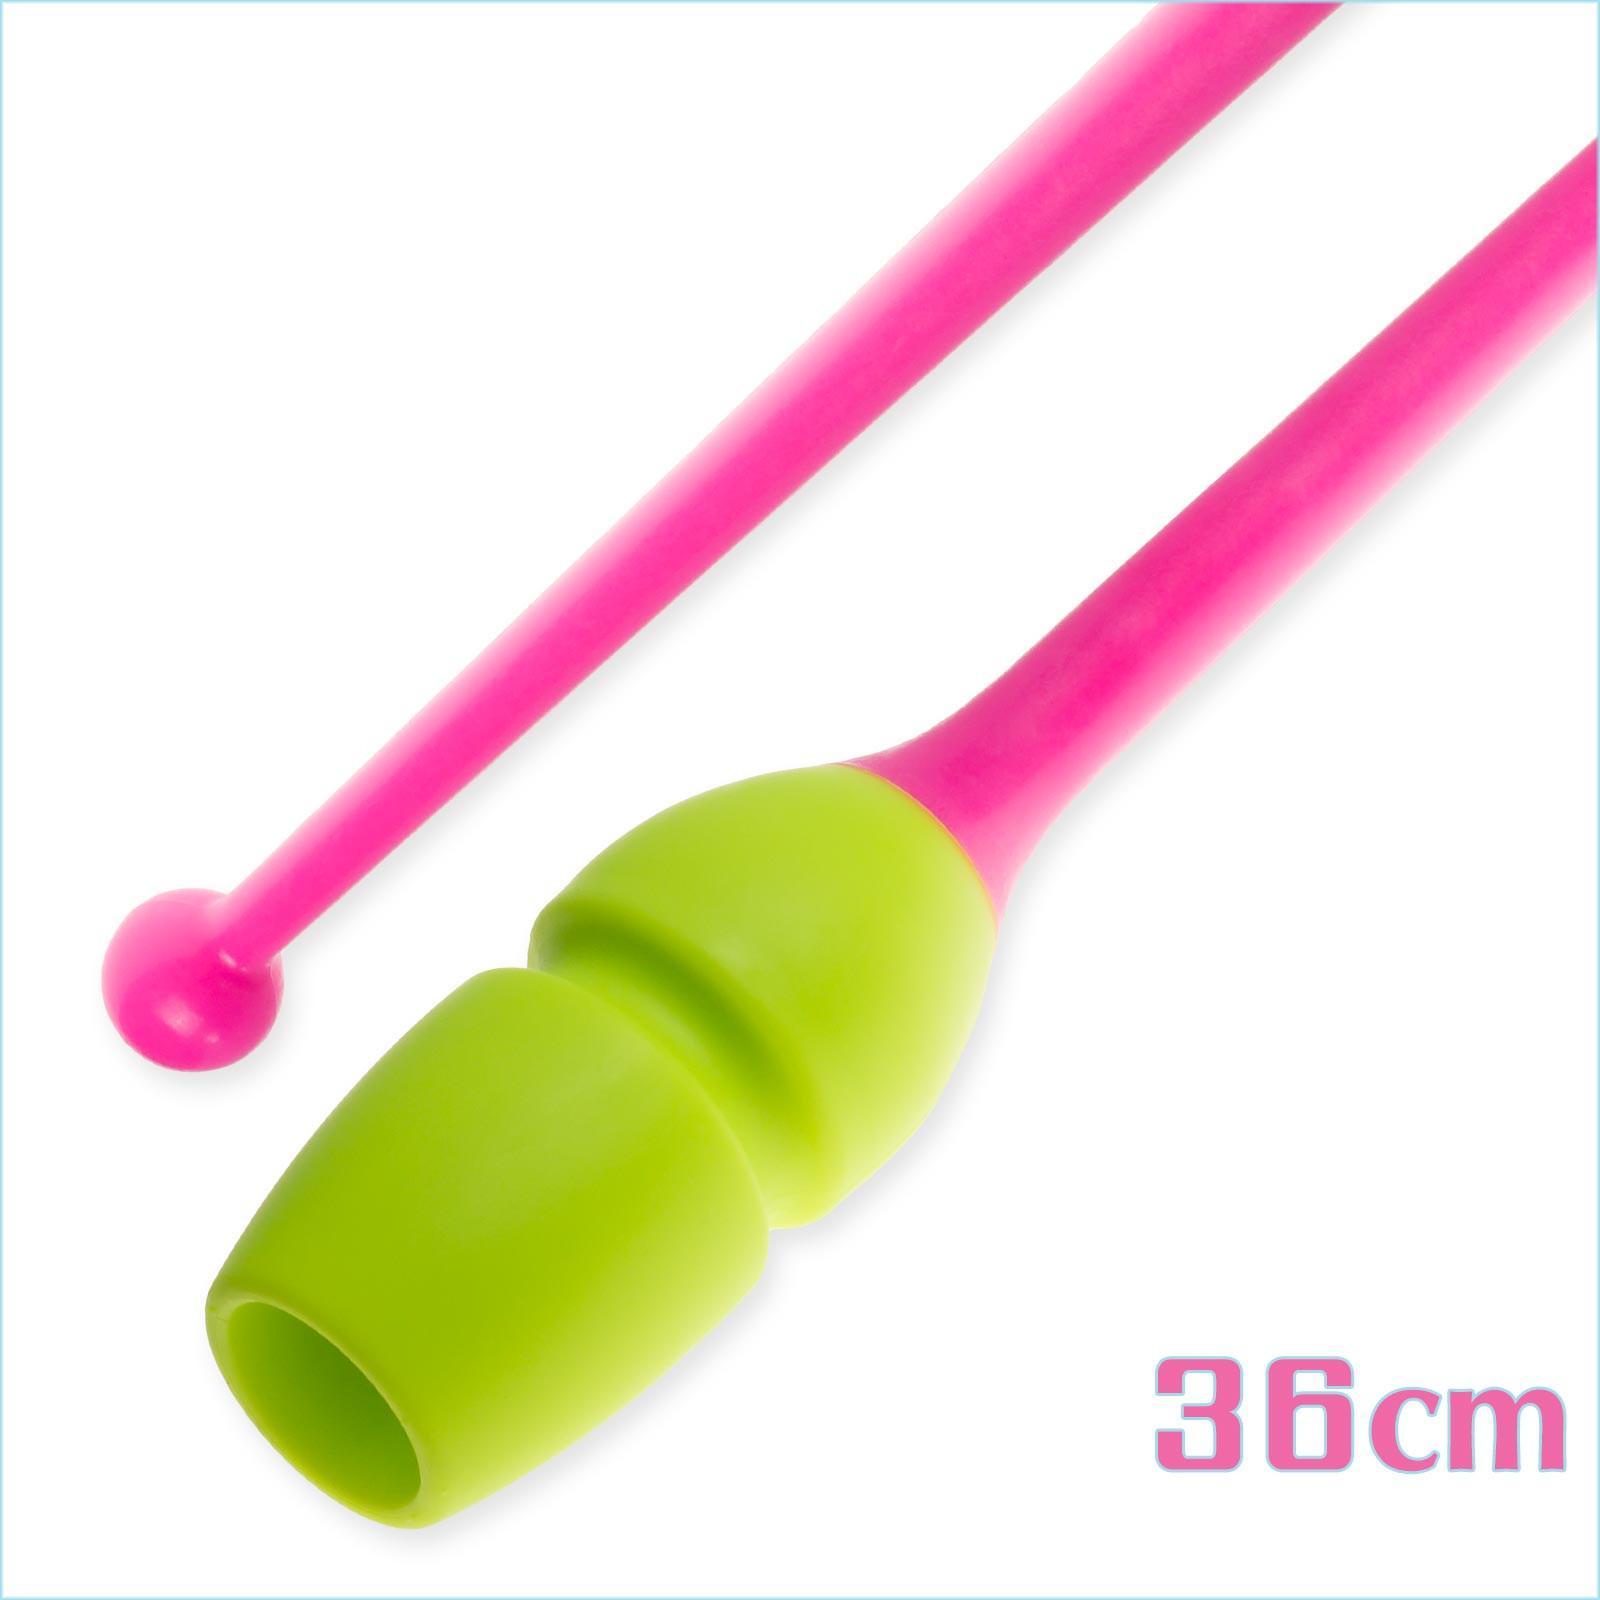 Булавы 36 cм Pastorelli Connectable цвет Лайм-Розовый Артикул 04234-3